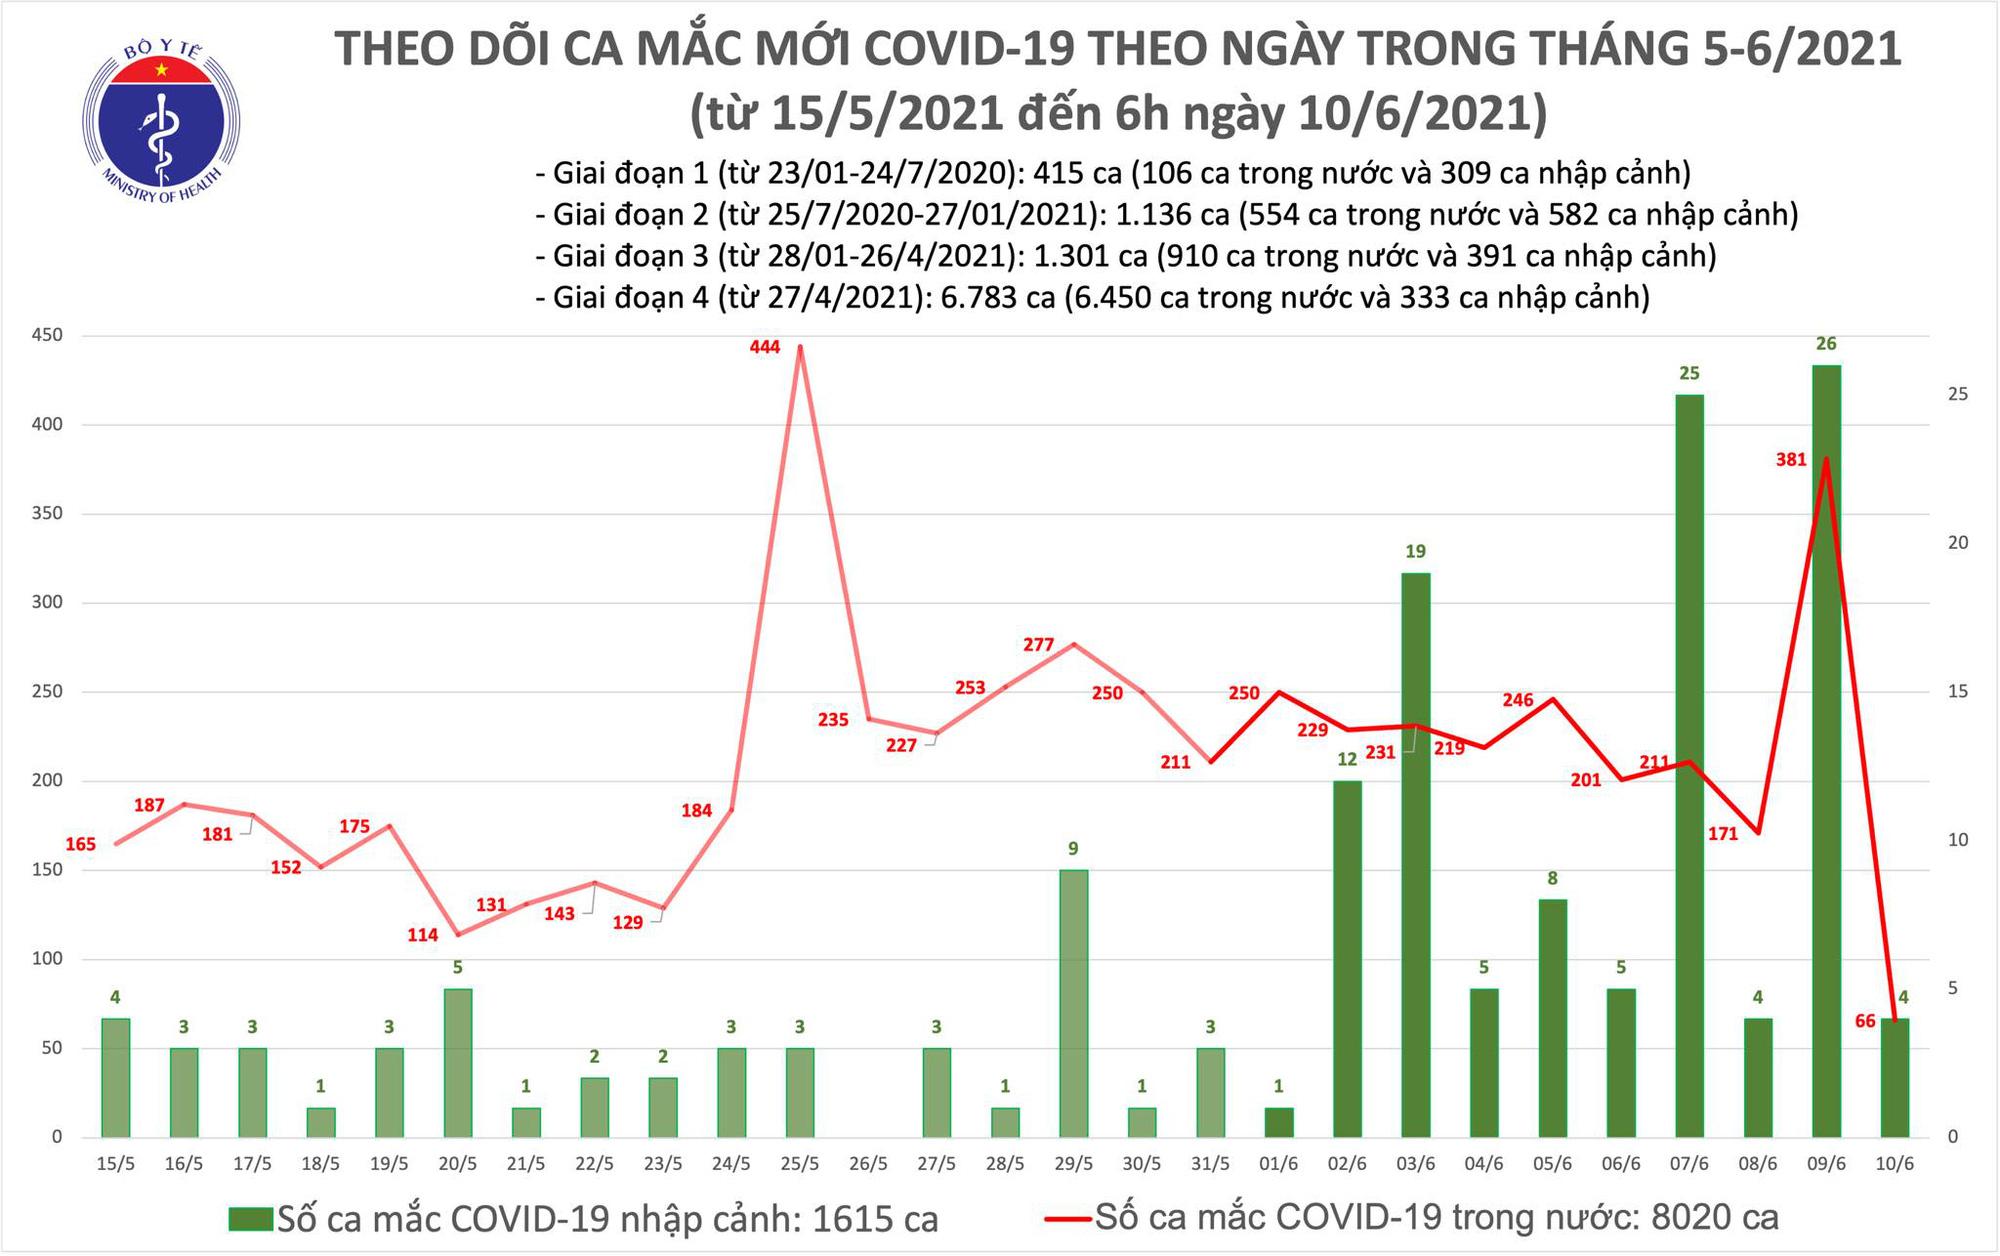 Sáng 10/6, Việt Nam có 70 ca mắc COVID-19 mới, TP.HCM nhiều nhất với 26 trường hợp - Ảnh 1.